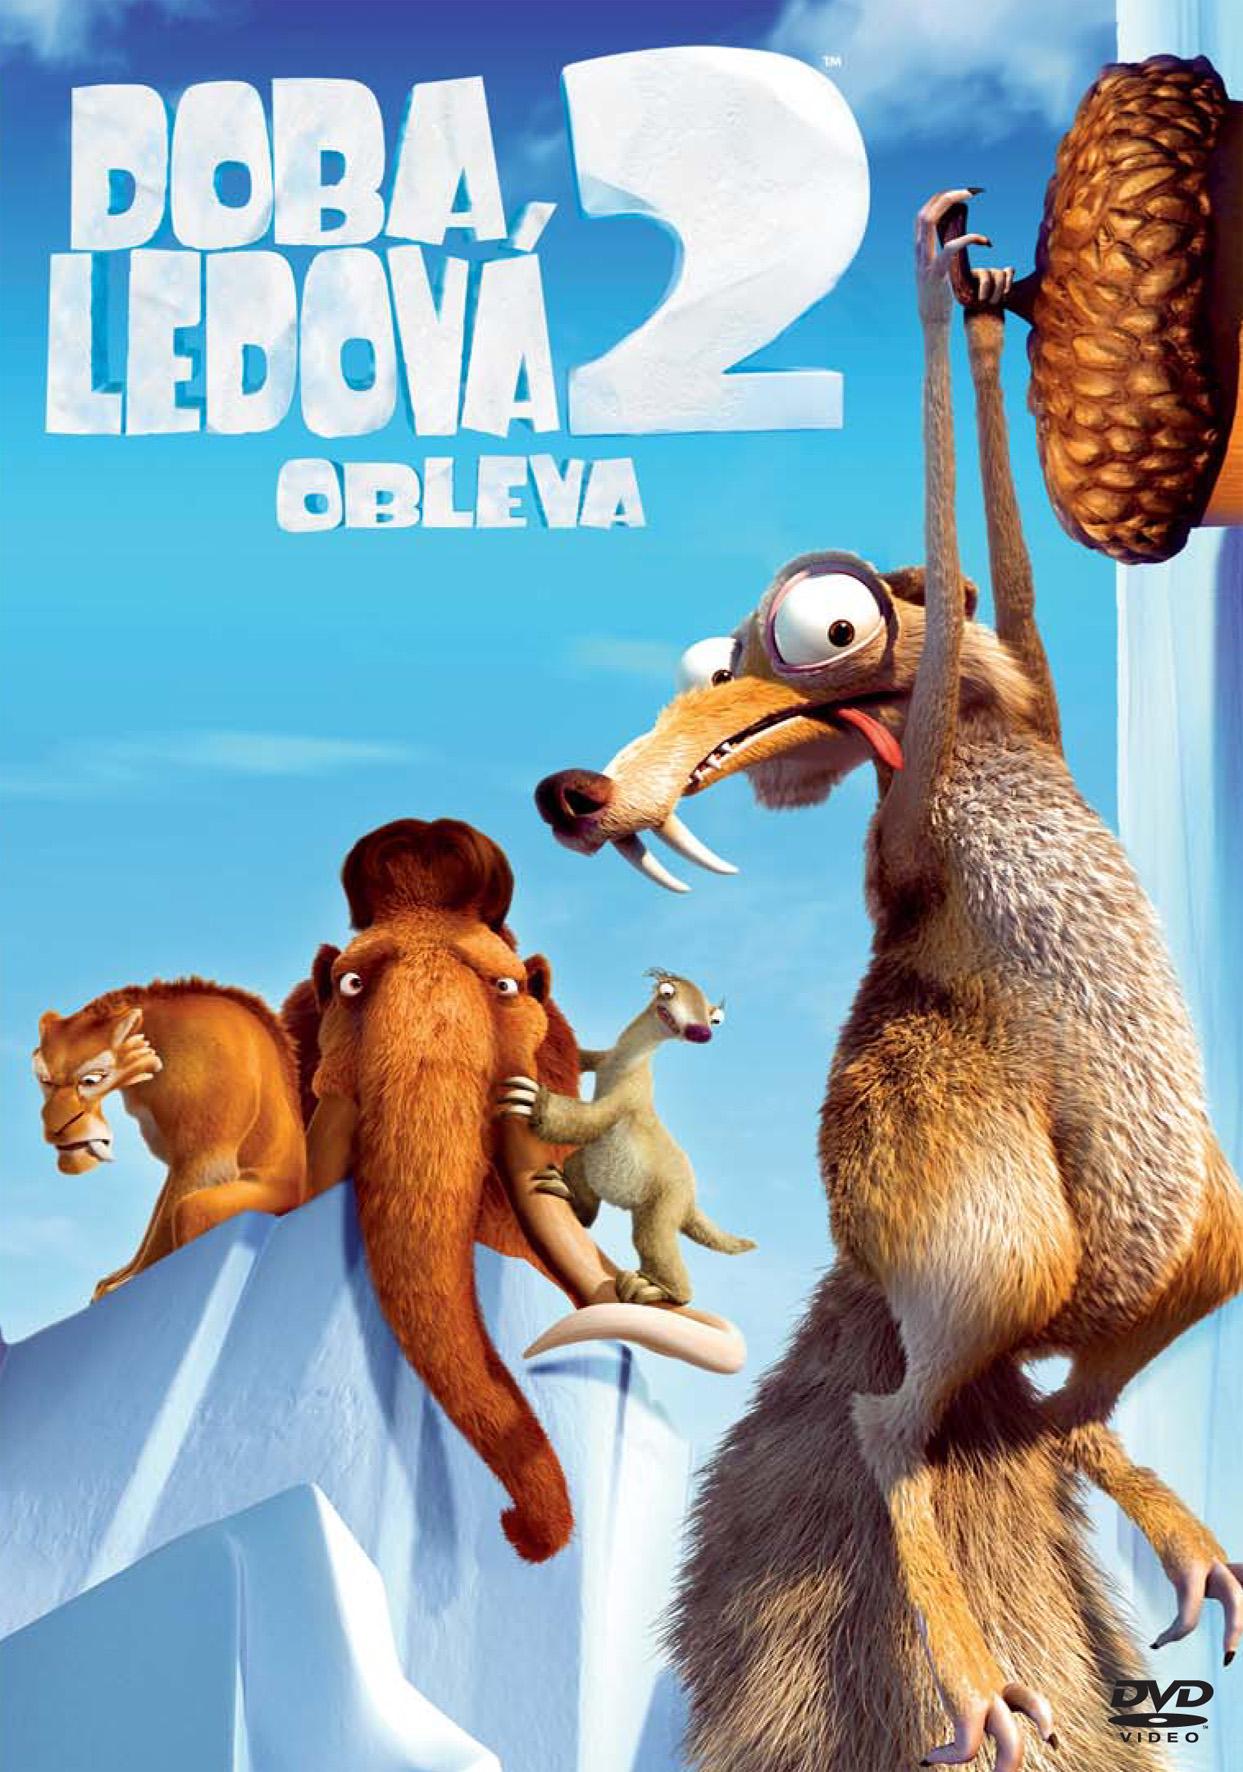 DVD: Doba ledová 2: Obleva